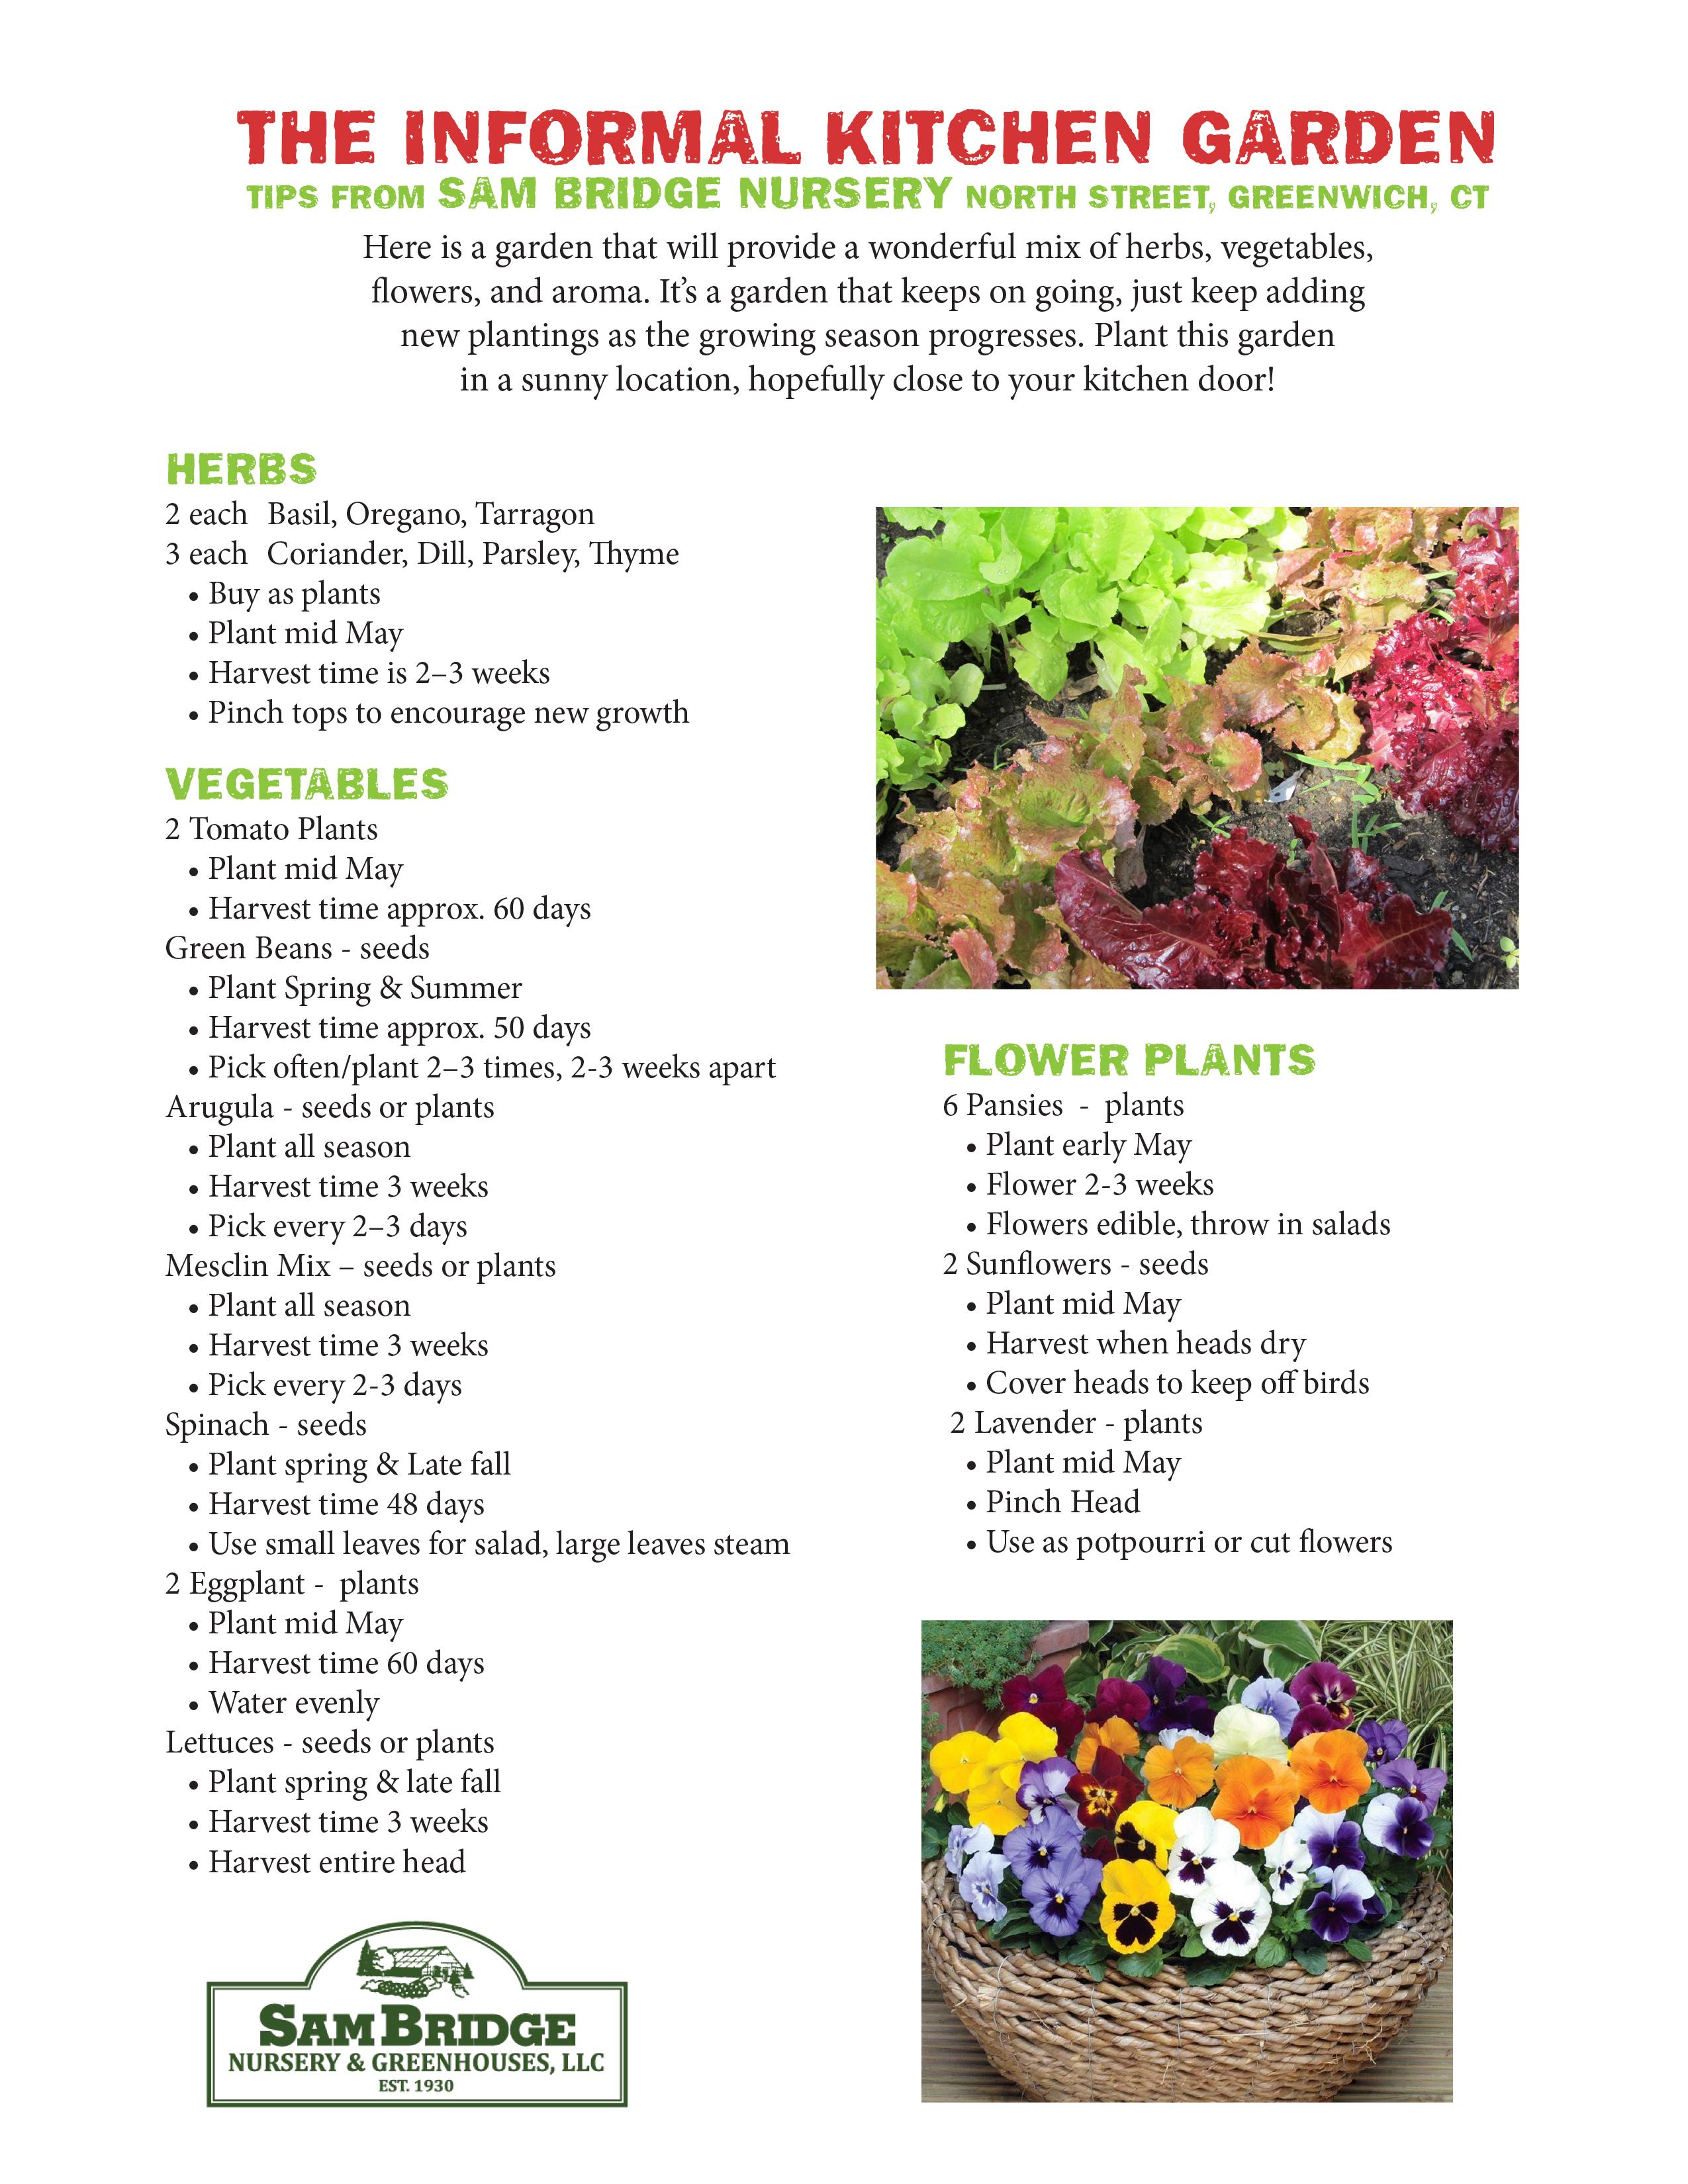 Informal Kitchen Garden - Sam Bridge - Greenwich Community Gardens